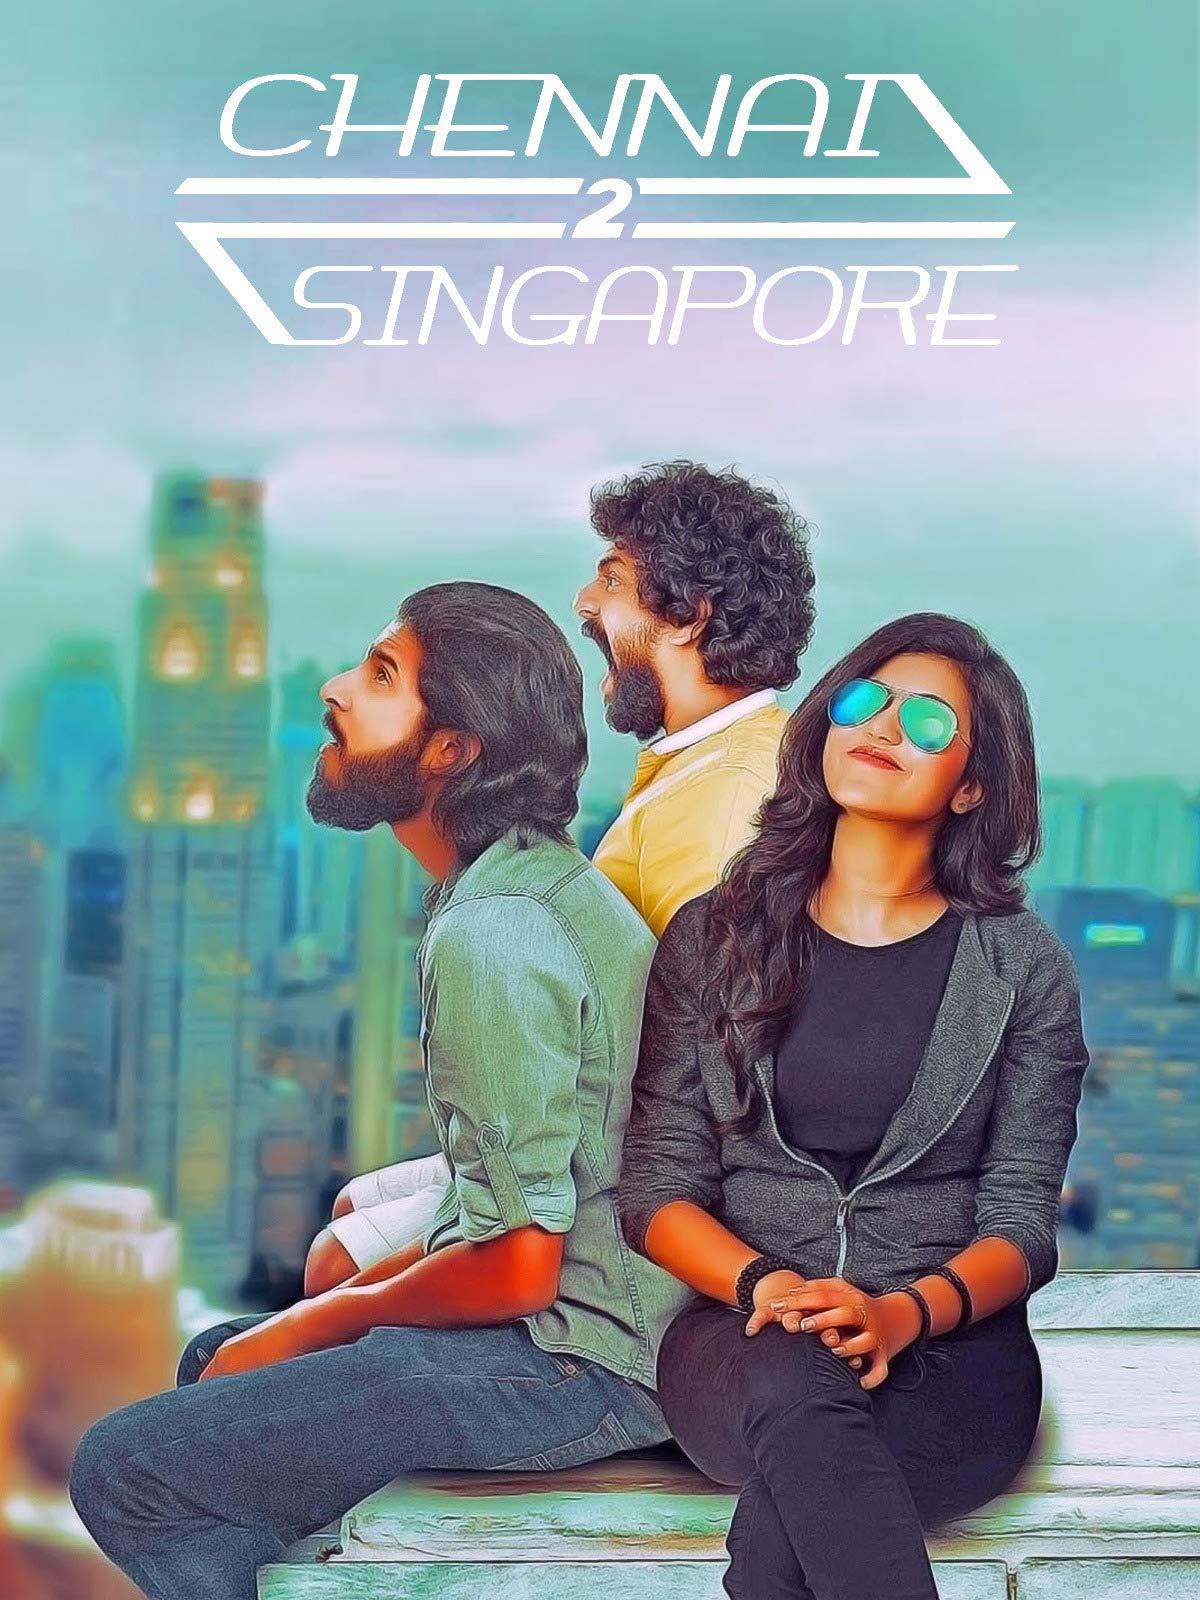 Chennai2Singapore